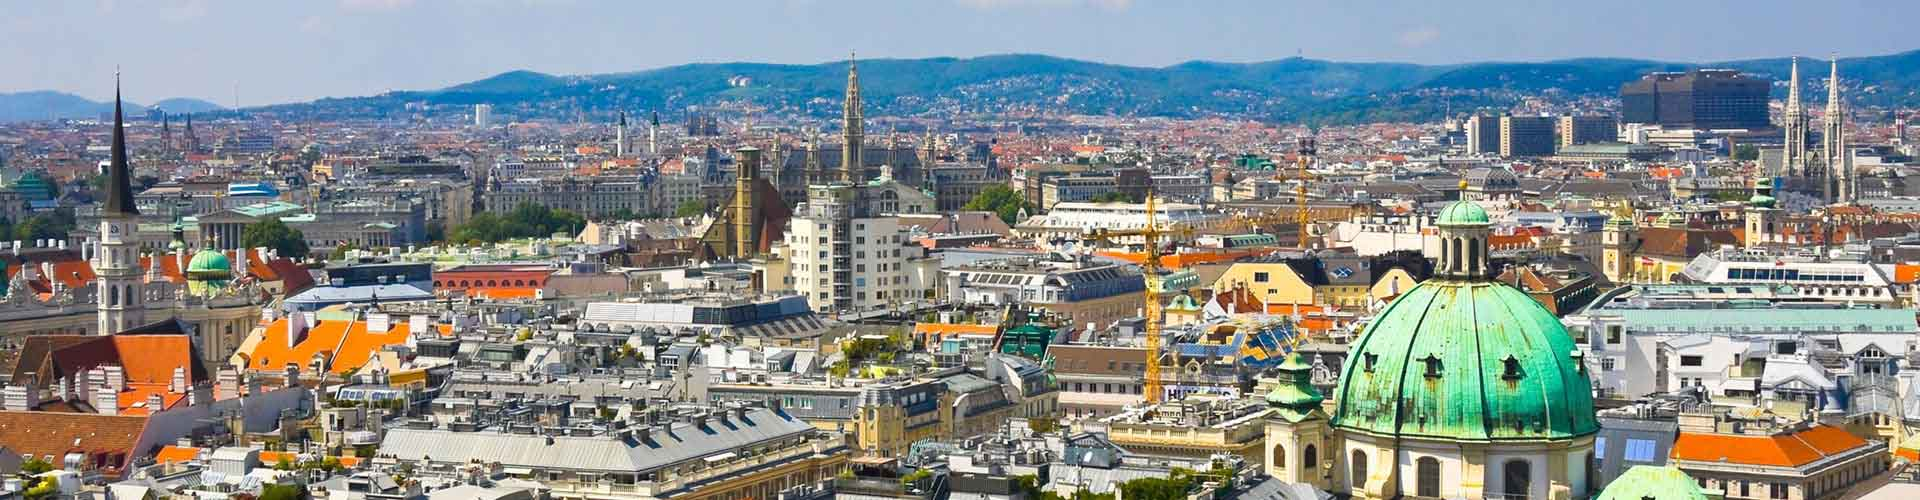 비엔나 - Rossau지역에 위치한 아파트. 비엔나의 지도, 비엔나에 위치한 아파트에 대한 사진 및 리뷰.